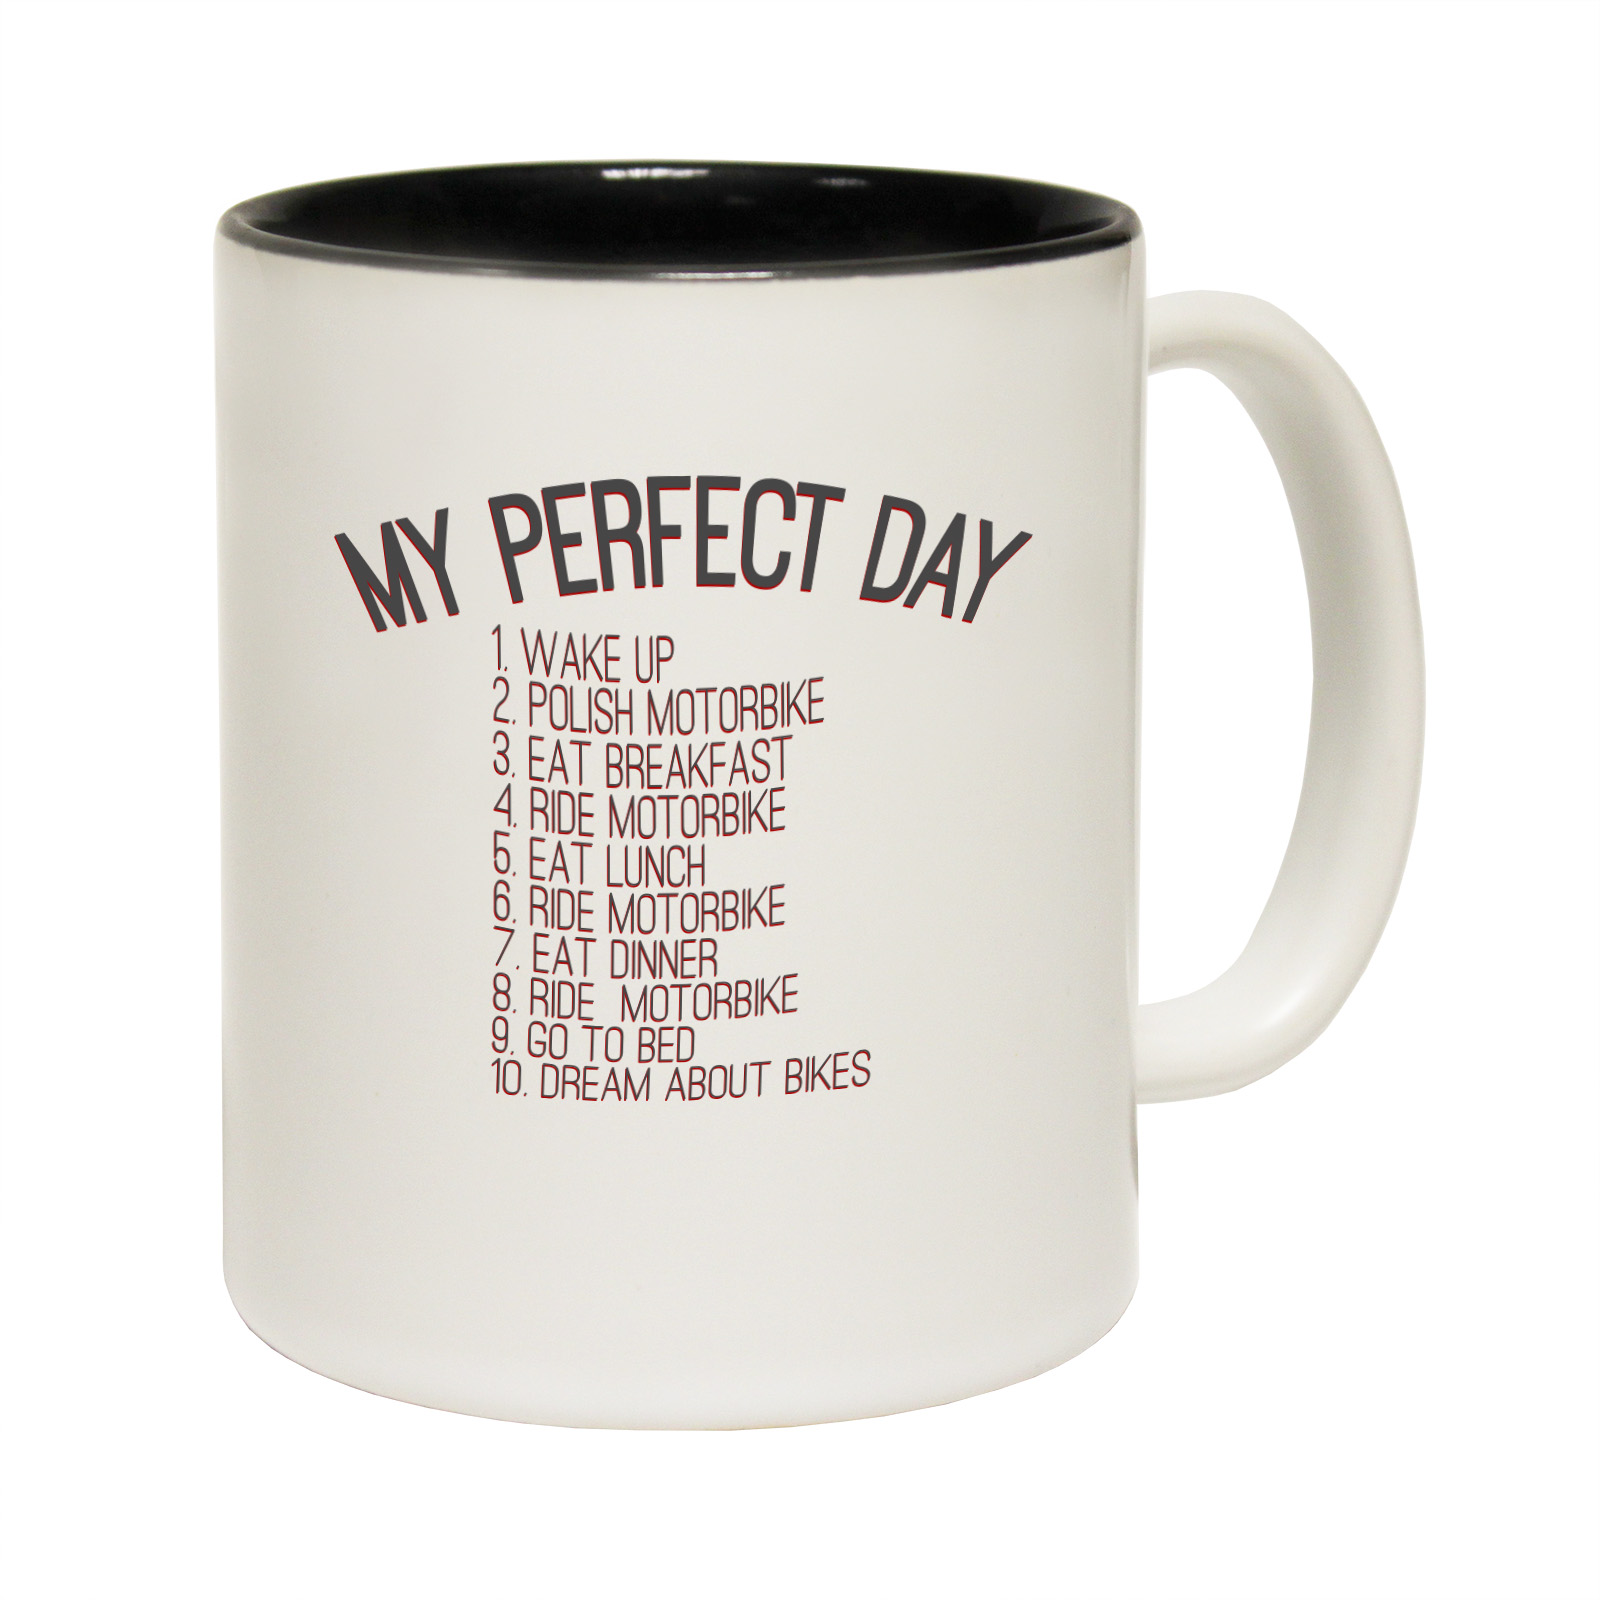 Best Coffee Mugs Funny Mugs My Perfect Day Motorbike Joke Gift